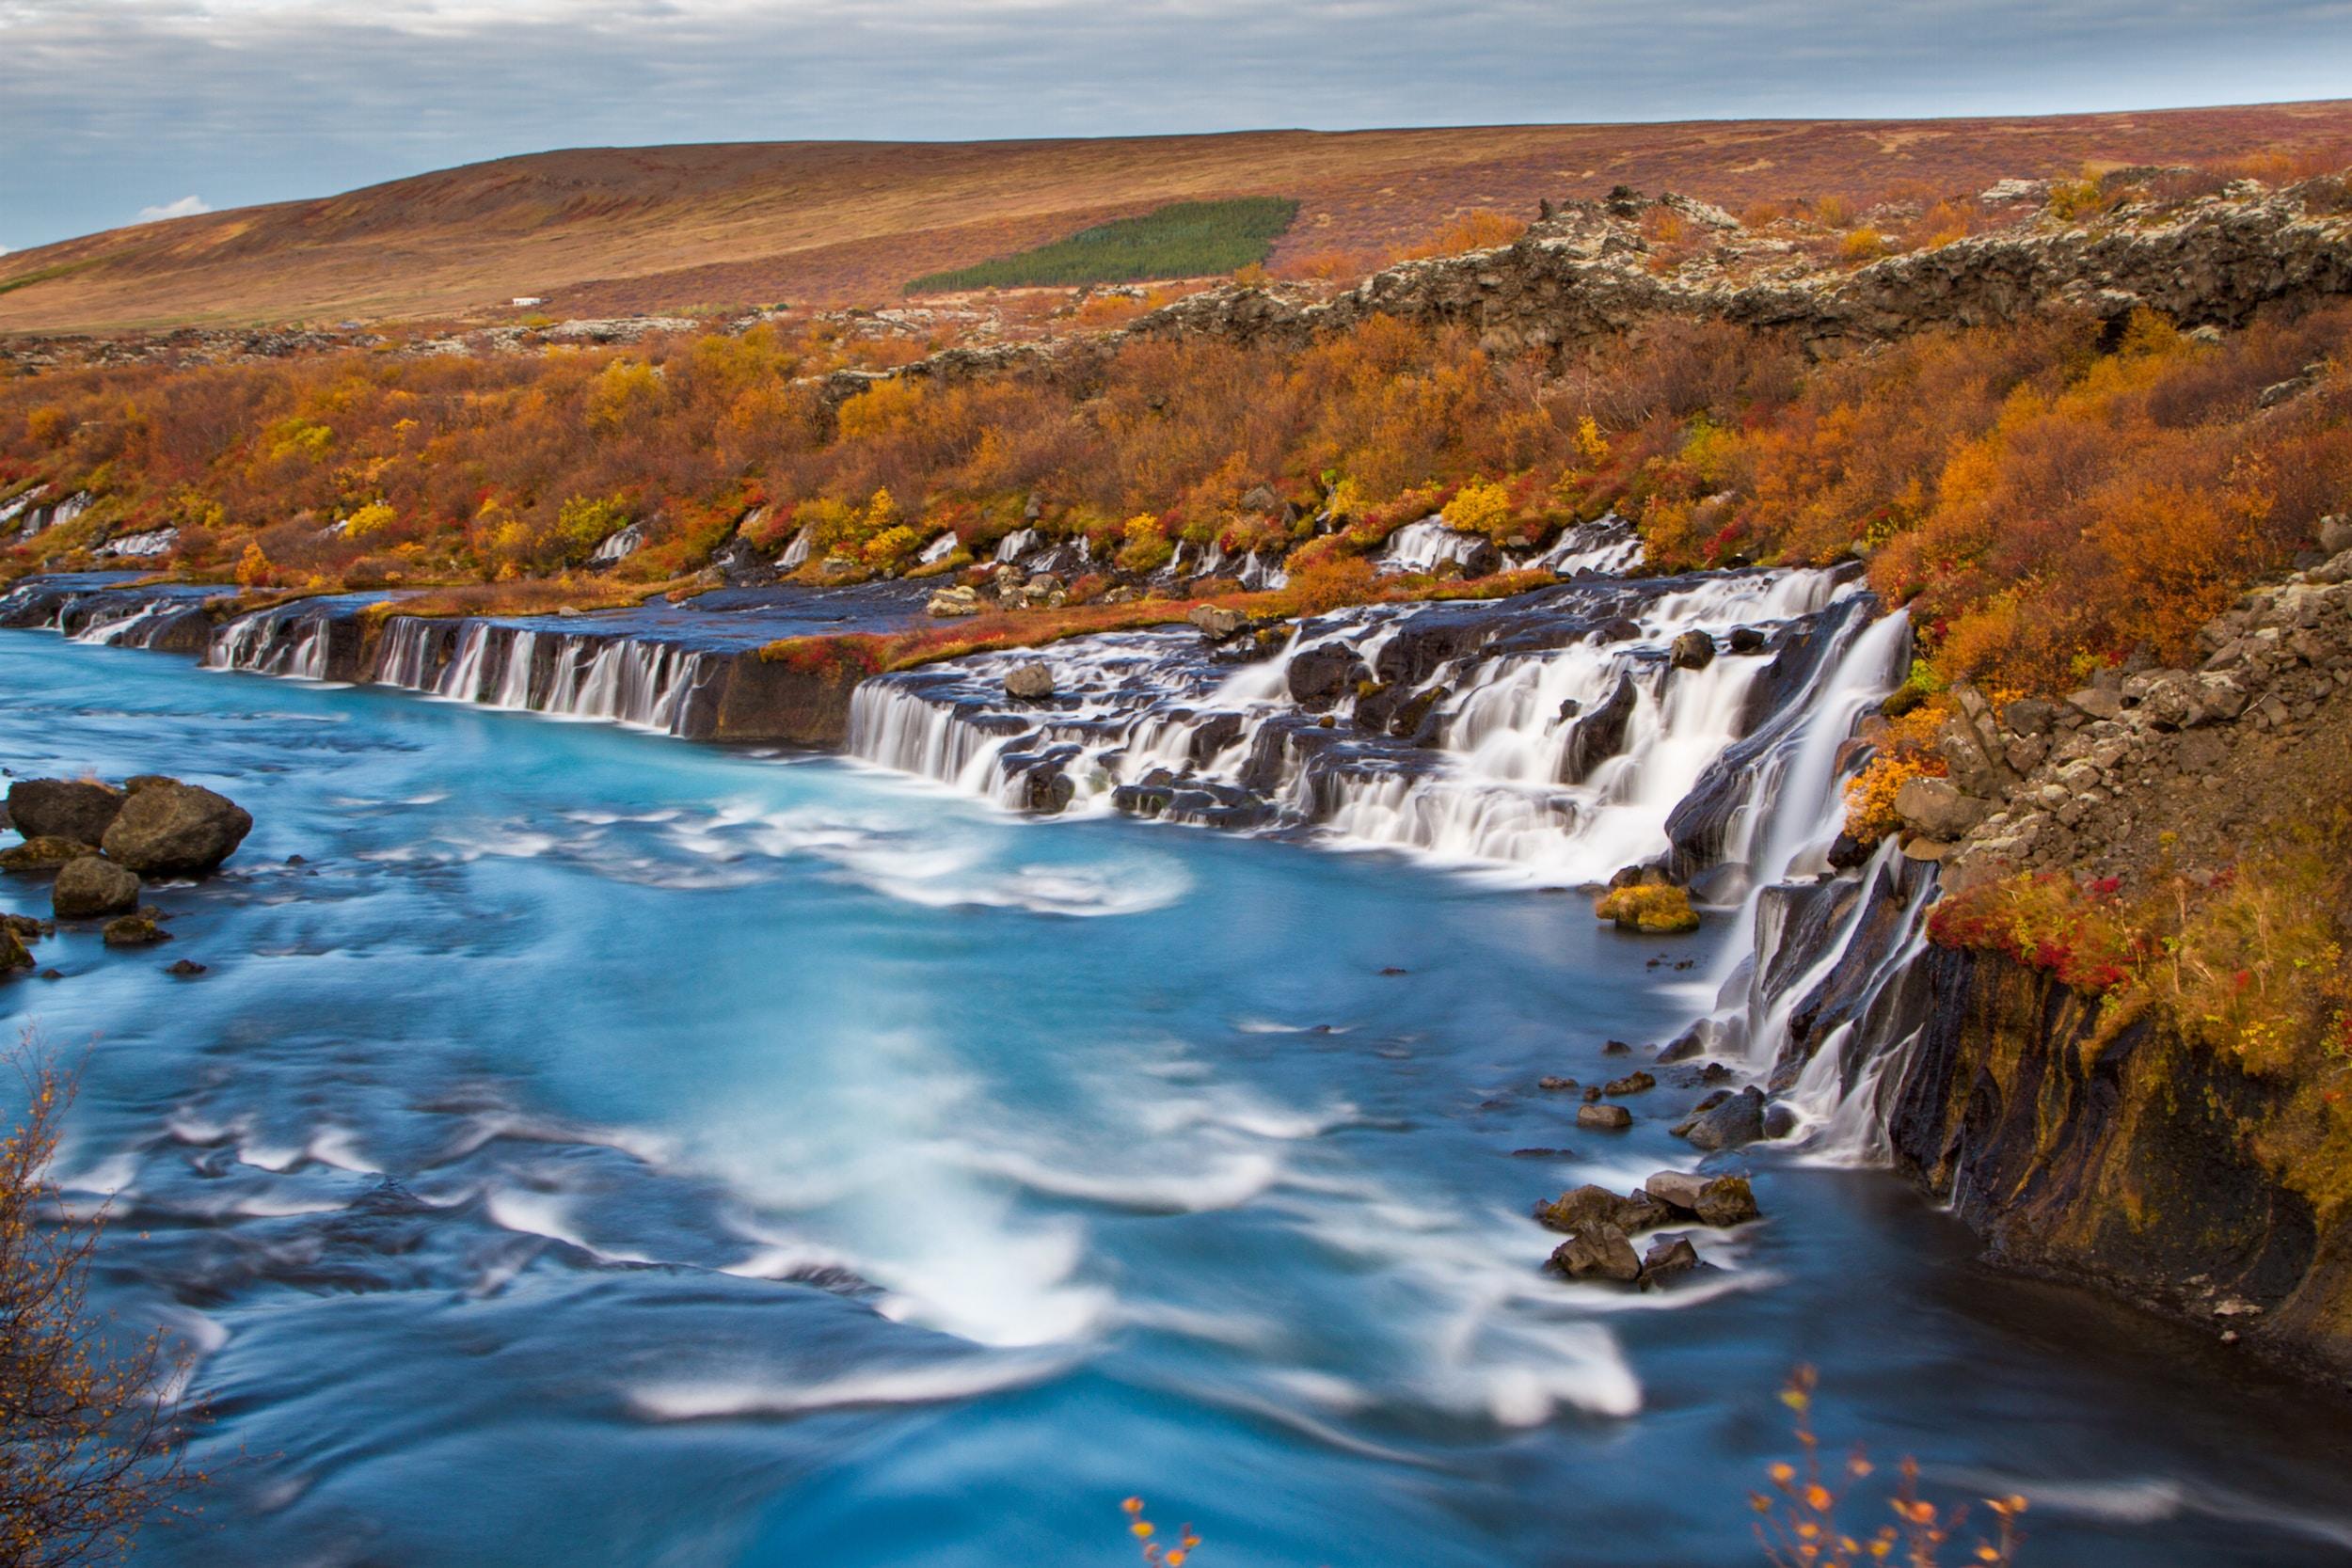 Wasserfälle fließen in einen atemberaubenden Fluss im Westen Islands.